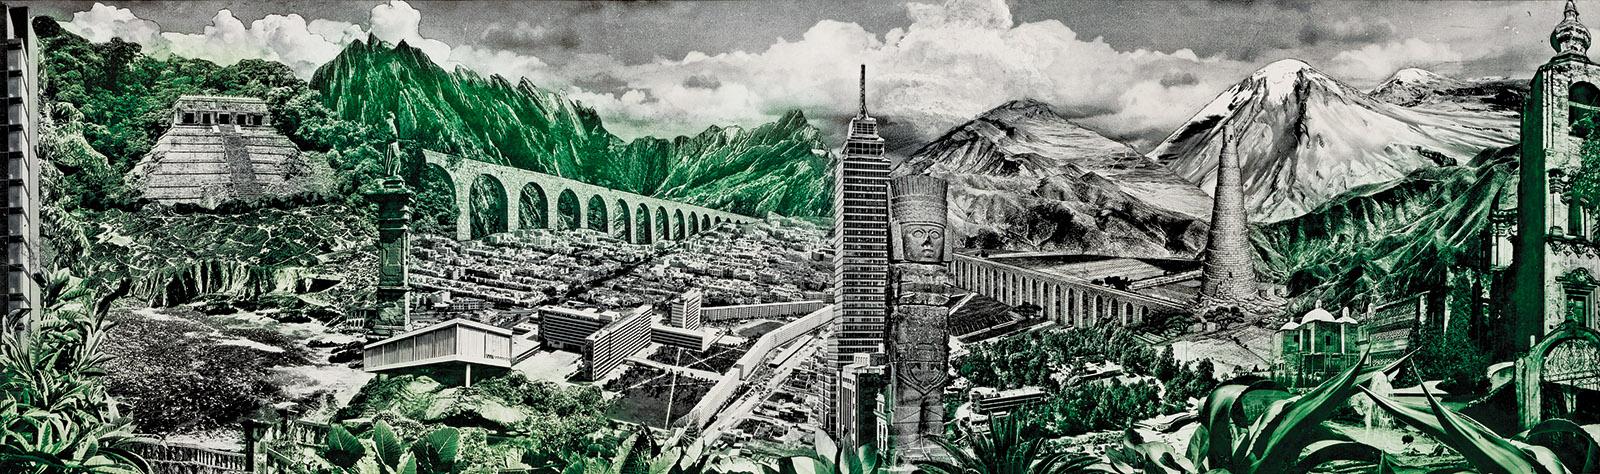 Landscapes of Mexico, circa 1954, by Lola Álvarez Bravo